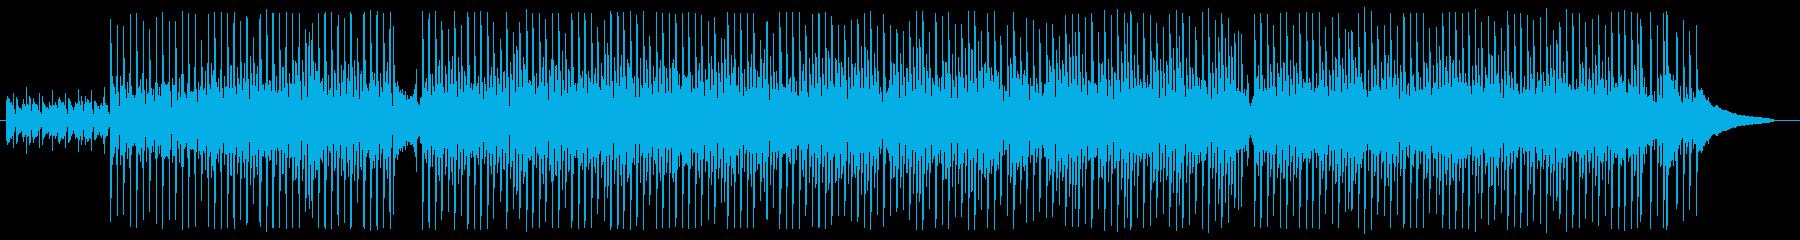 企業PVや動画BGMなど、ピアノインストの再生済みの波形